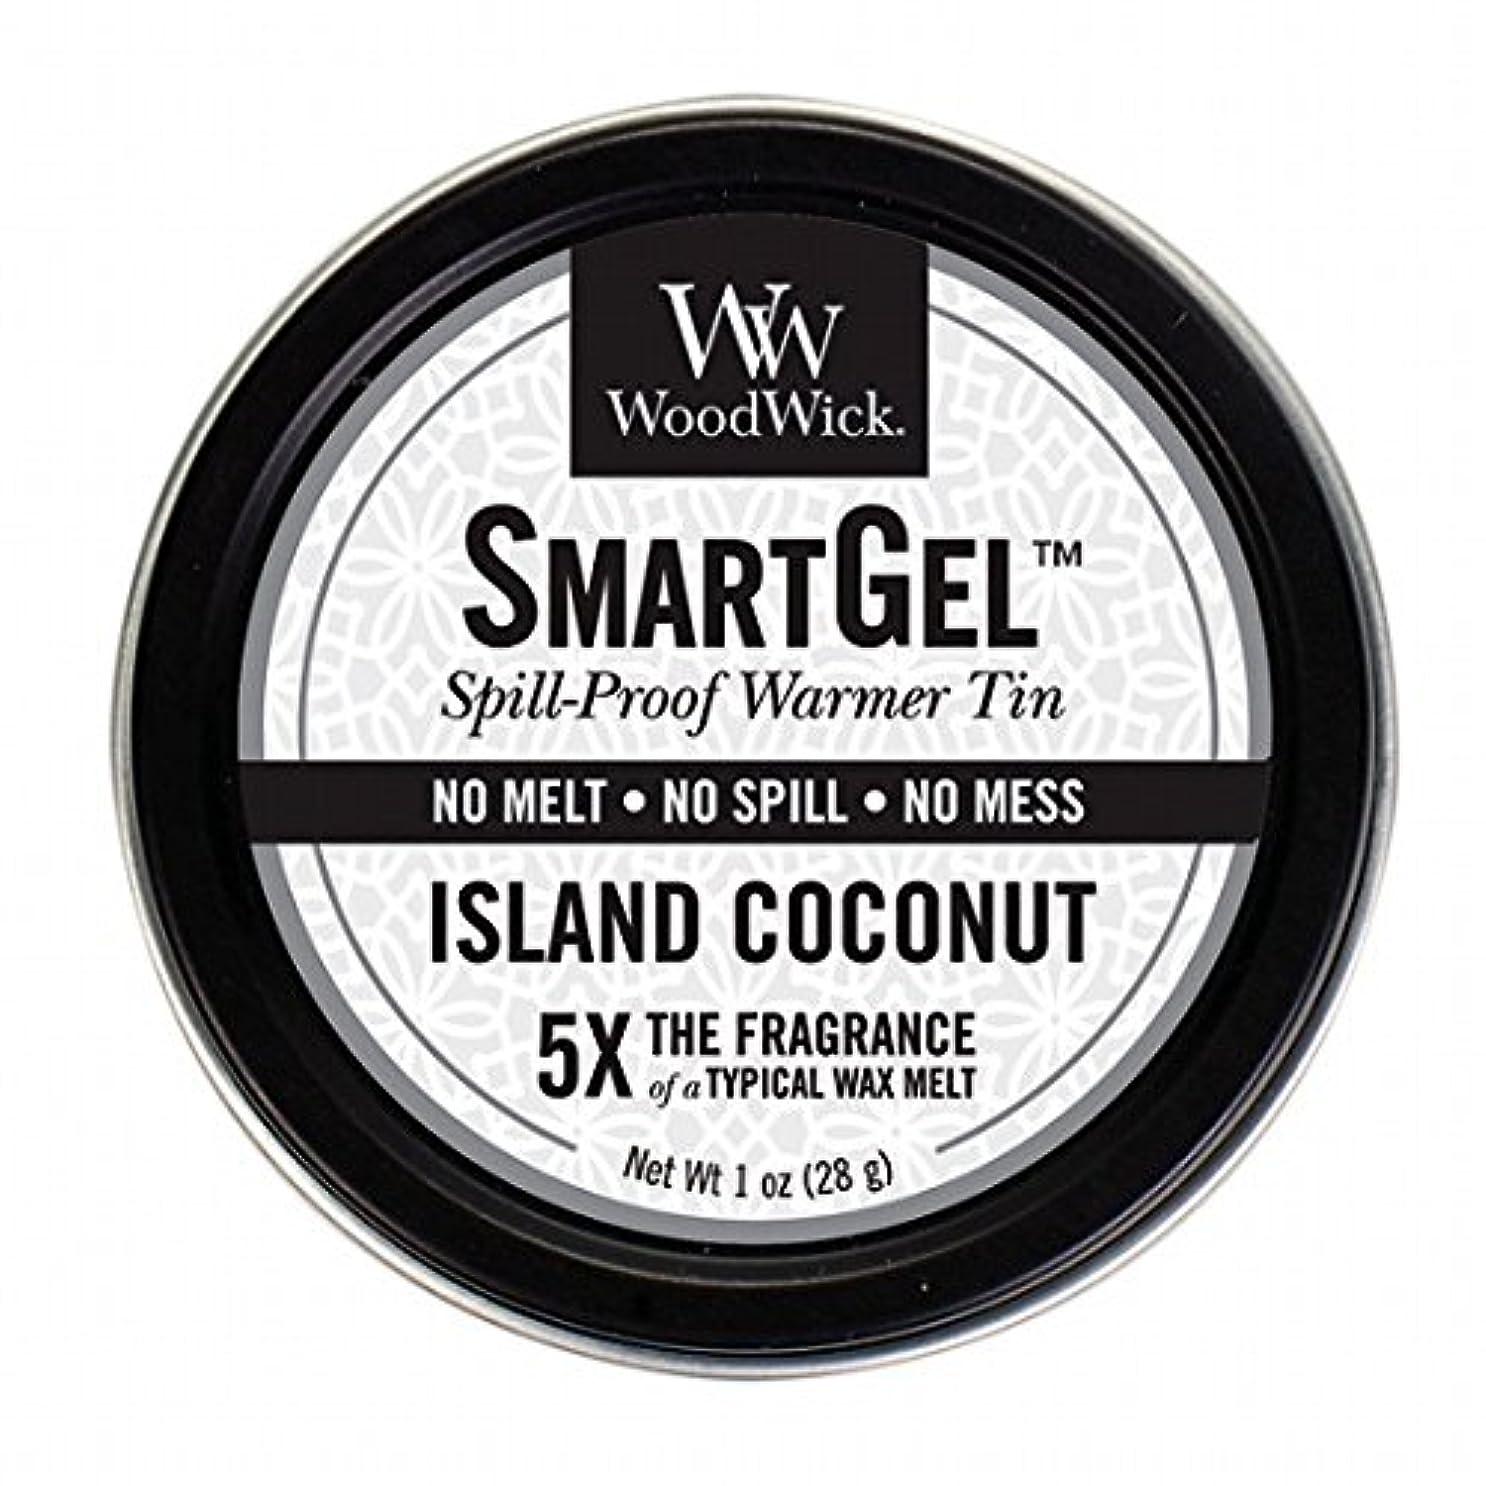 味不定提出するWoodWick(ウッドウィック) Wood Wickスマートジェル 「 アイランドココナッツ 」 W9630560(W9630560)